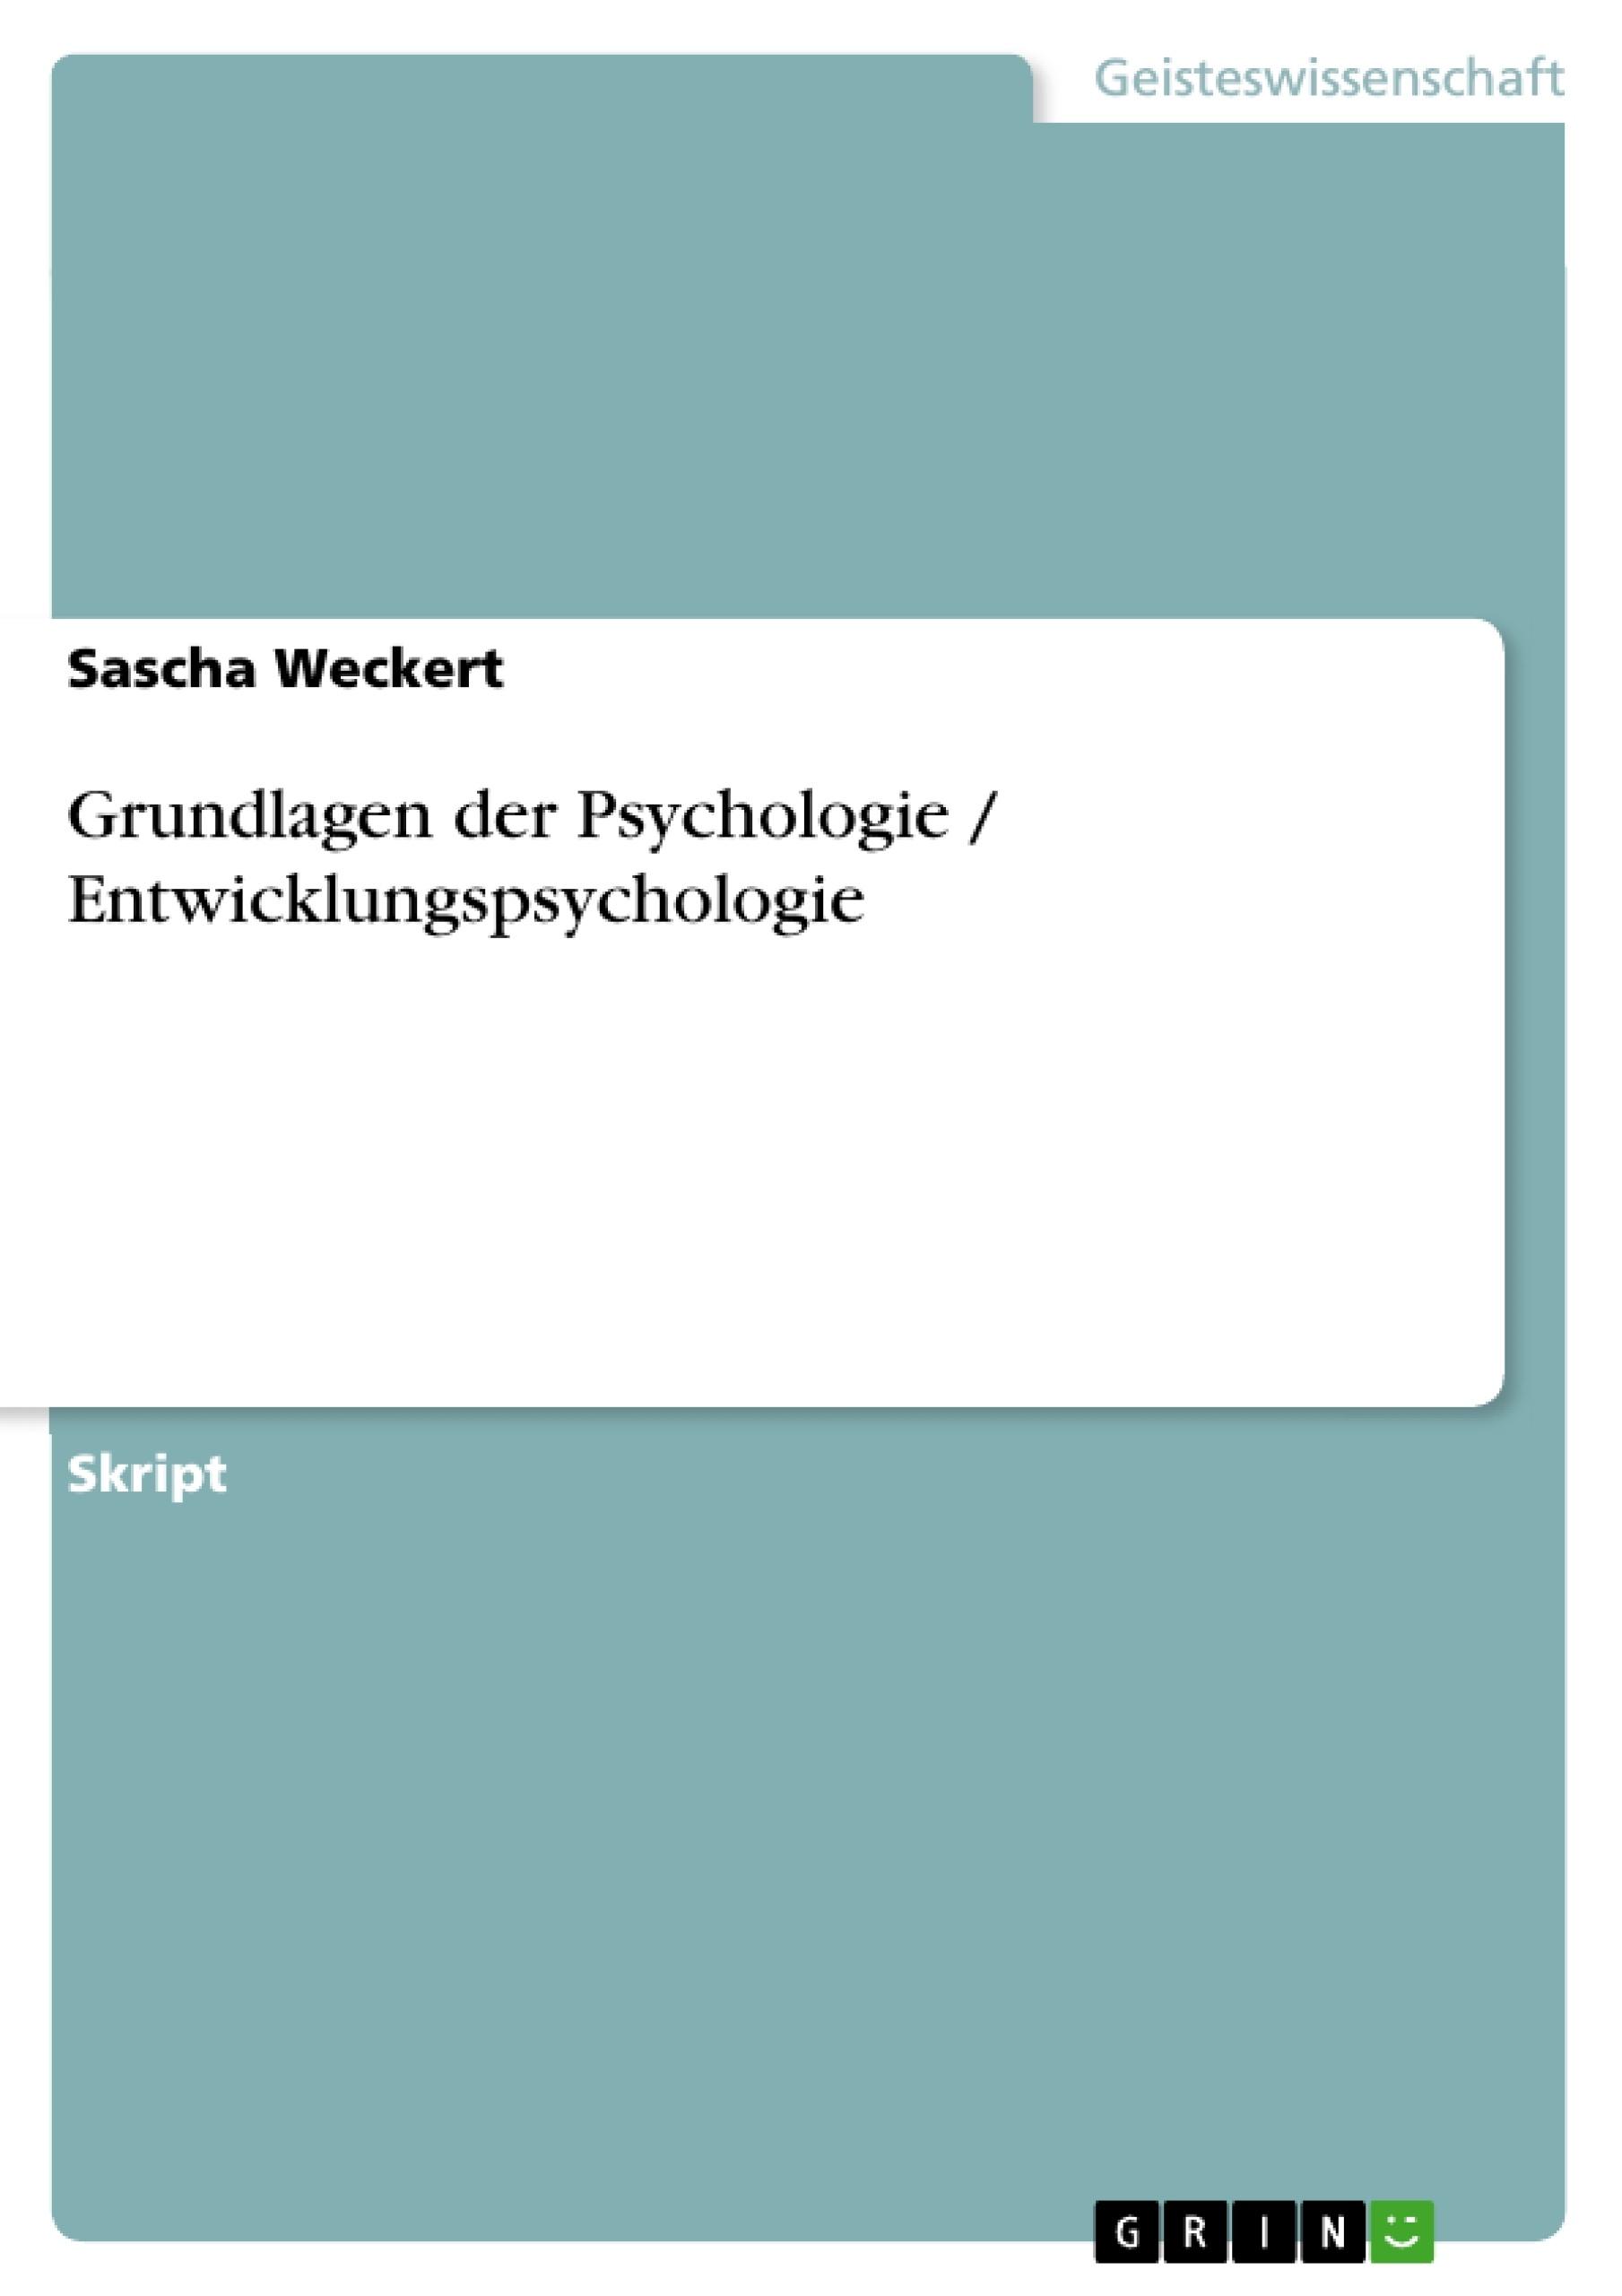 Titel: Grundlagen der Psychologie / Entwicklungspsychologie